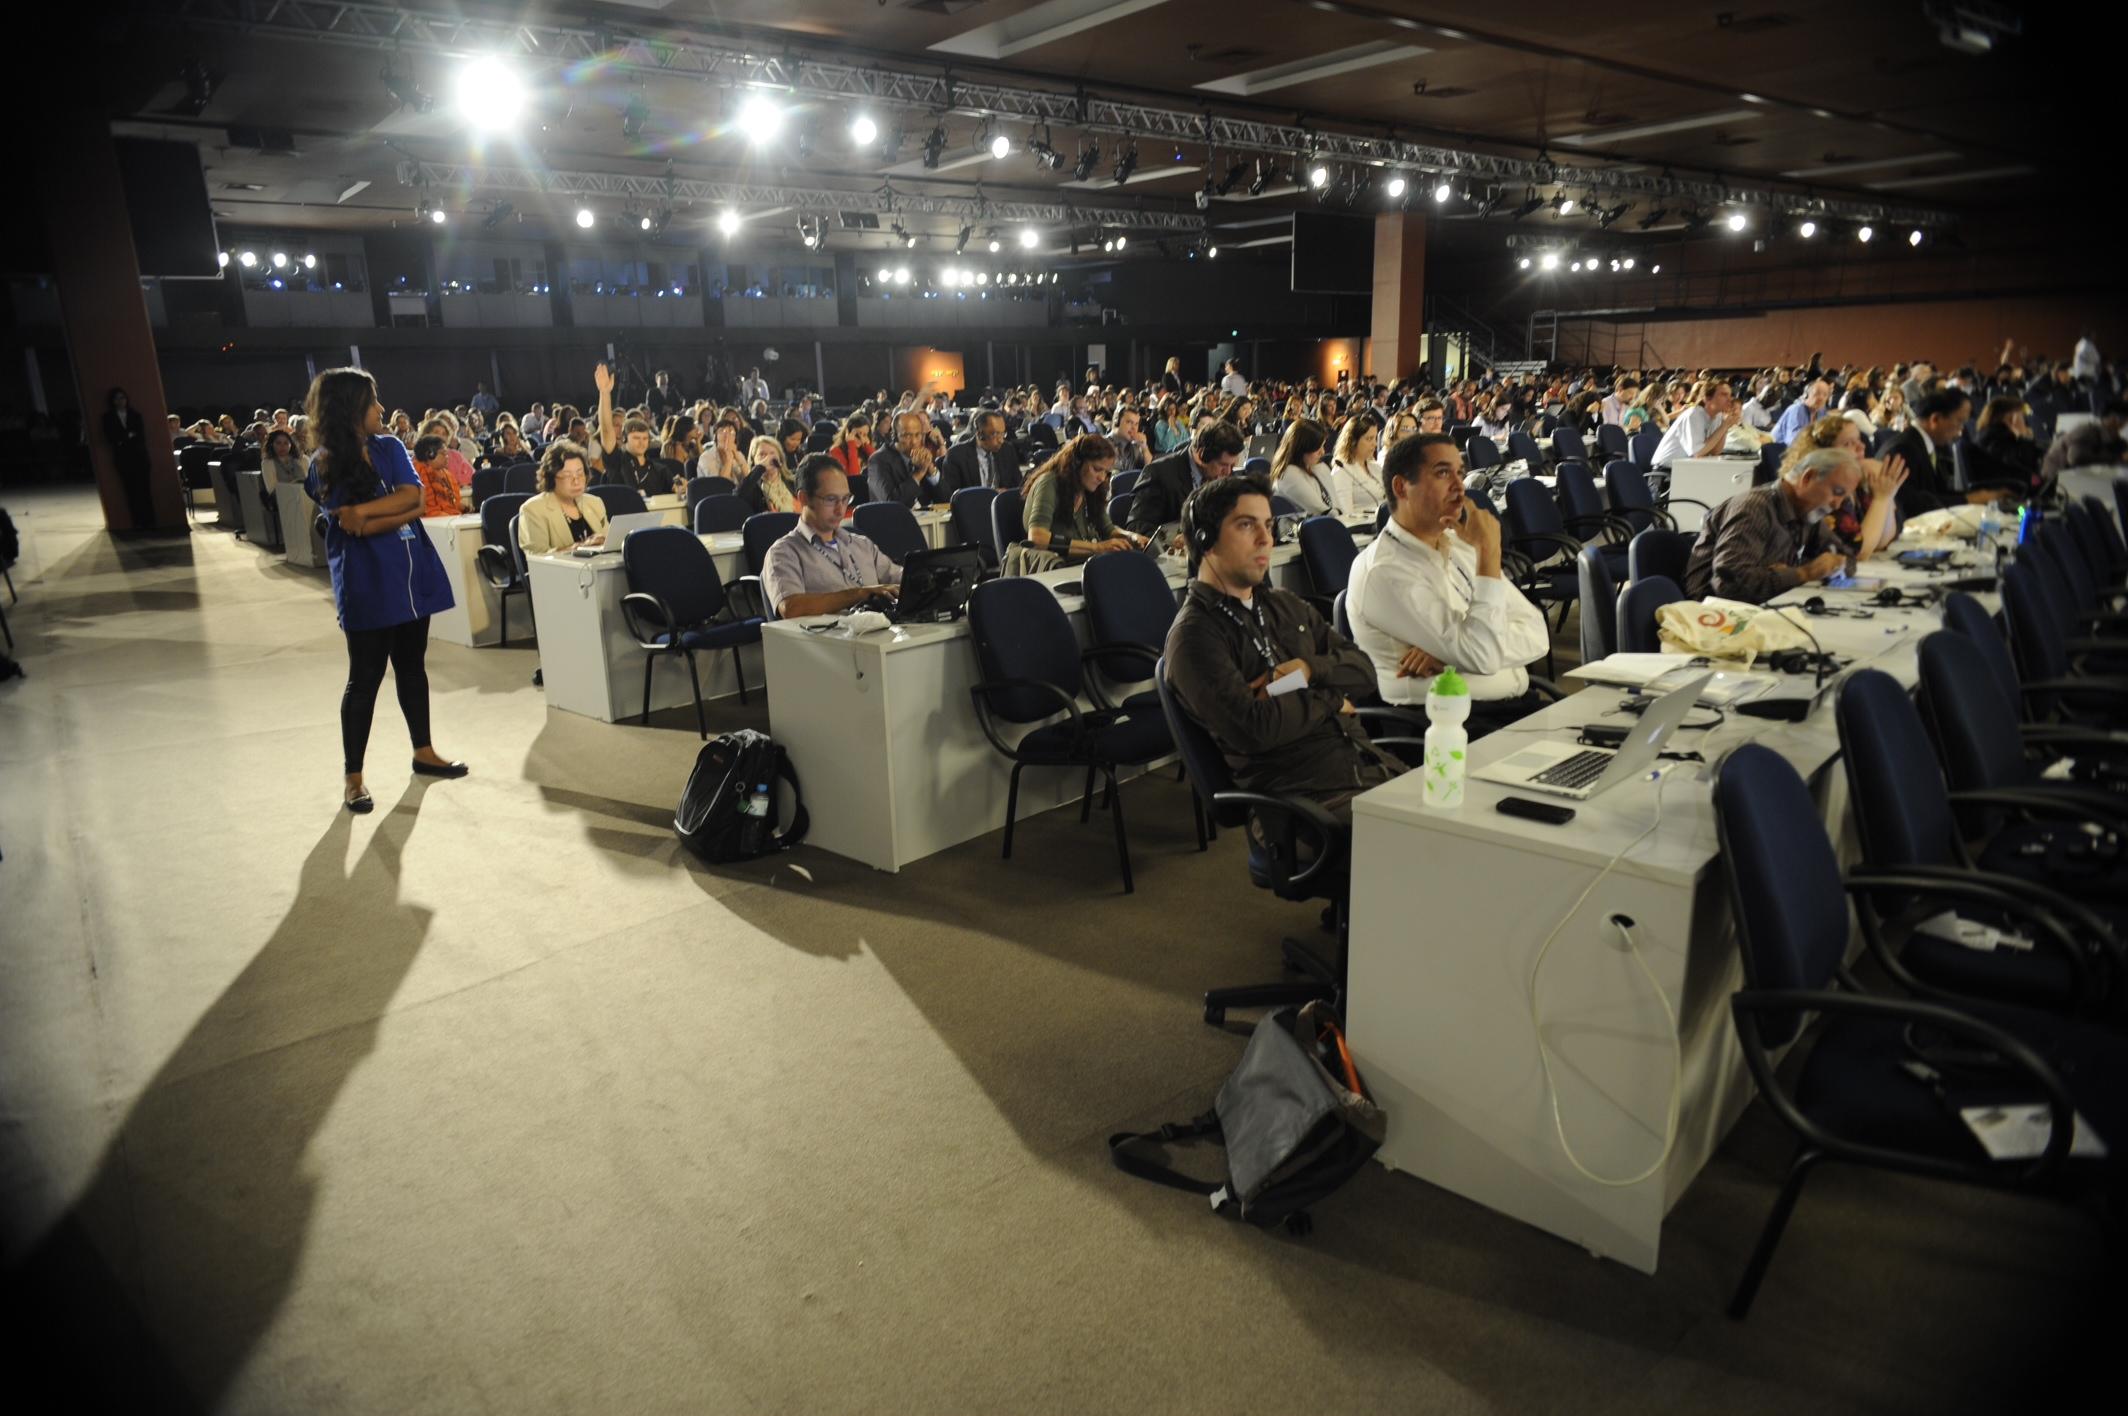 Diálogos para o Desenvolvimento Sustentável, na Conferência das Nações Unidas sobre Desenvolvimento Sustentável, Rio+20. Foto de Fabio Rodrigues Pozzebom/ABr